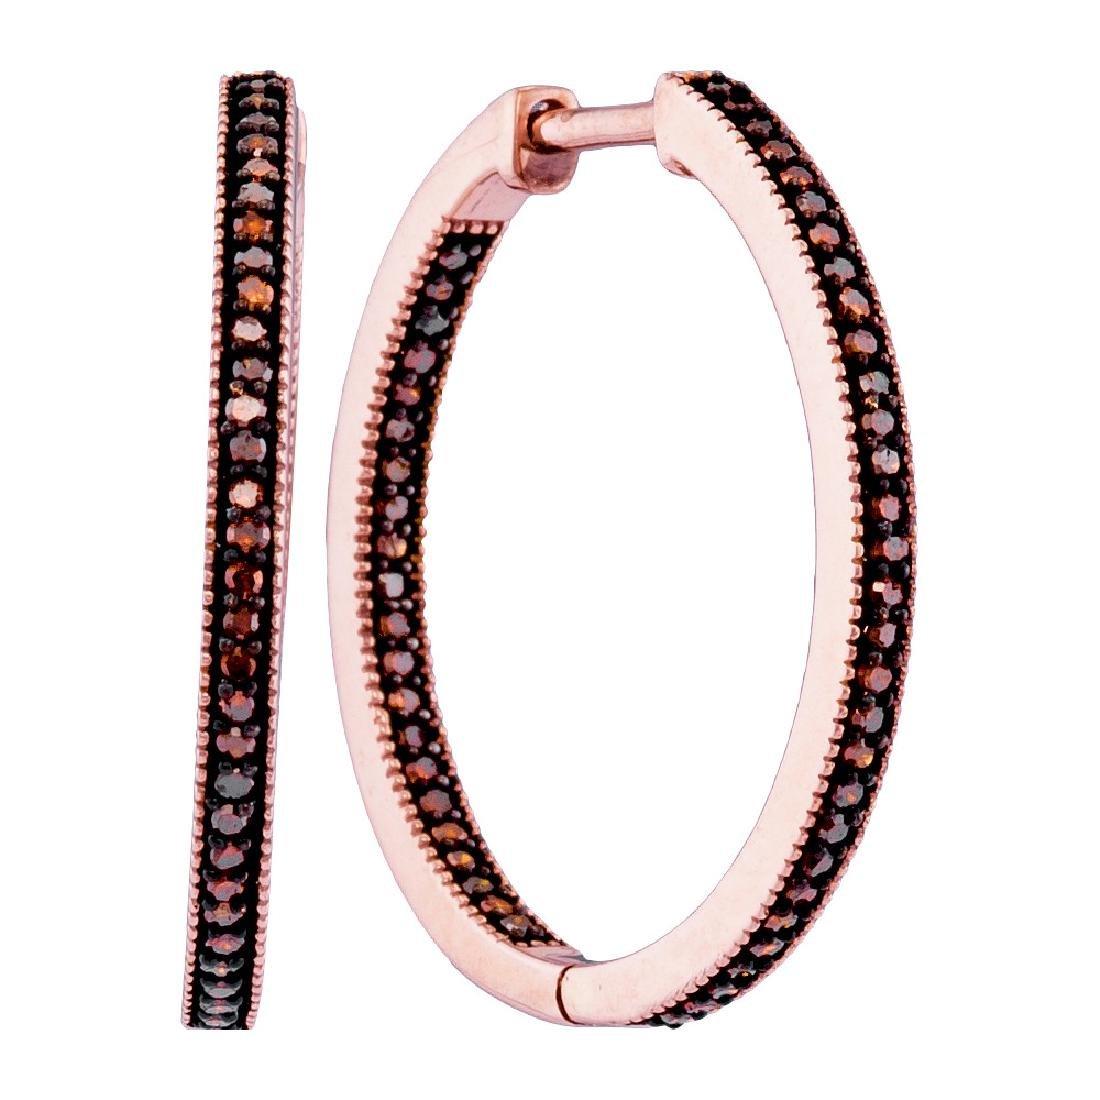 0.33 CTW Red Color Diamond Single Row Hoop Earrings